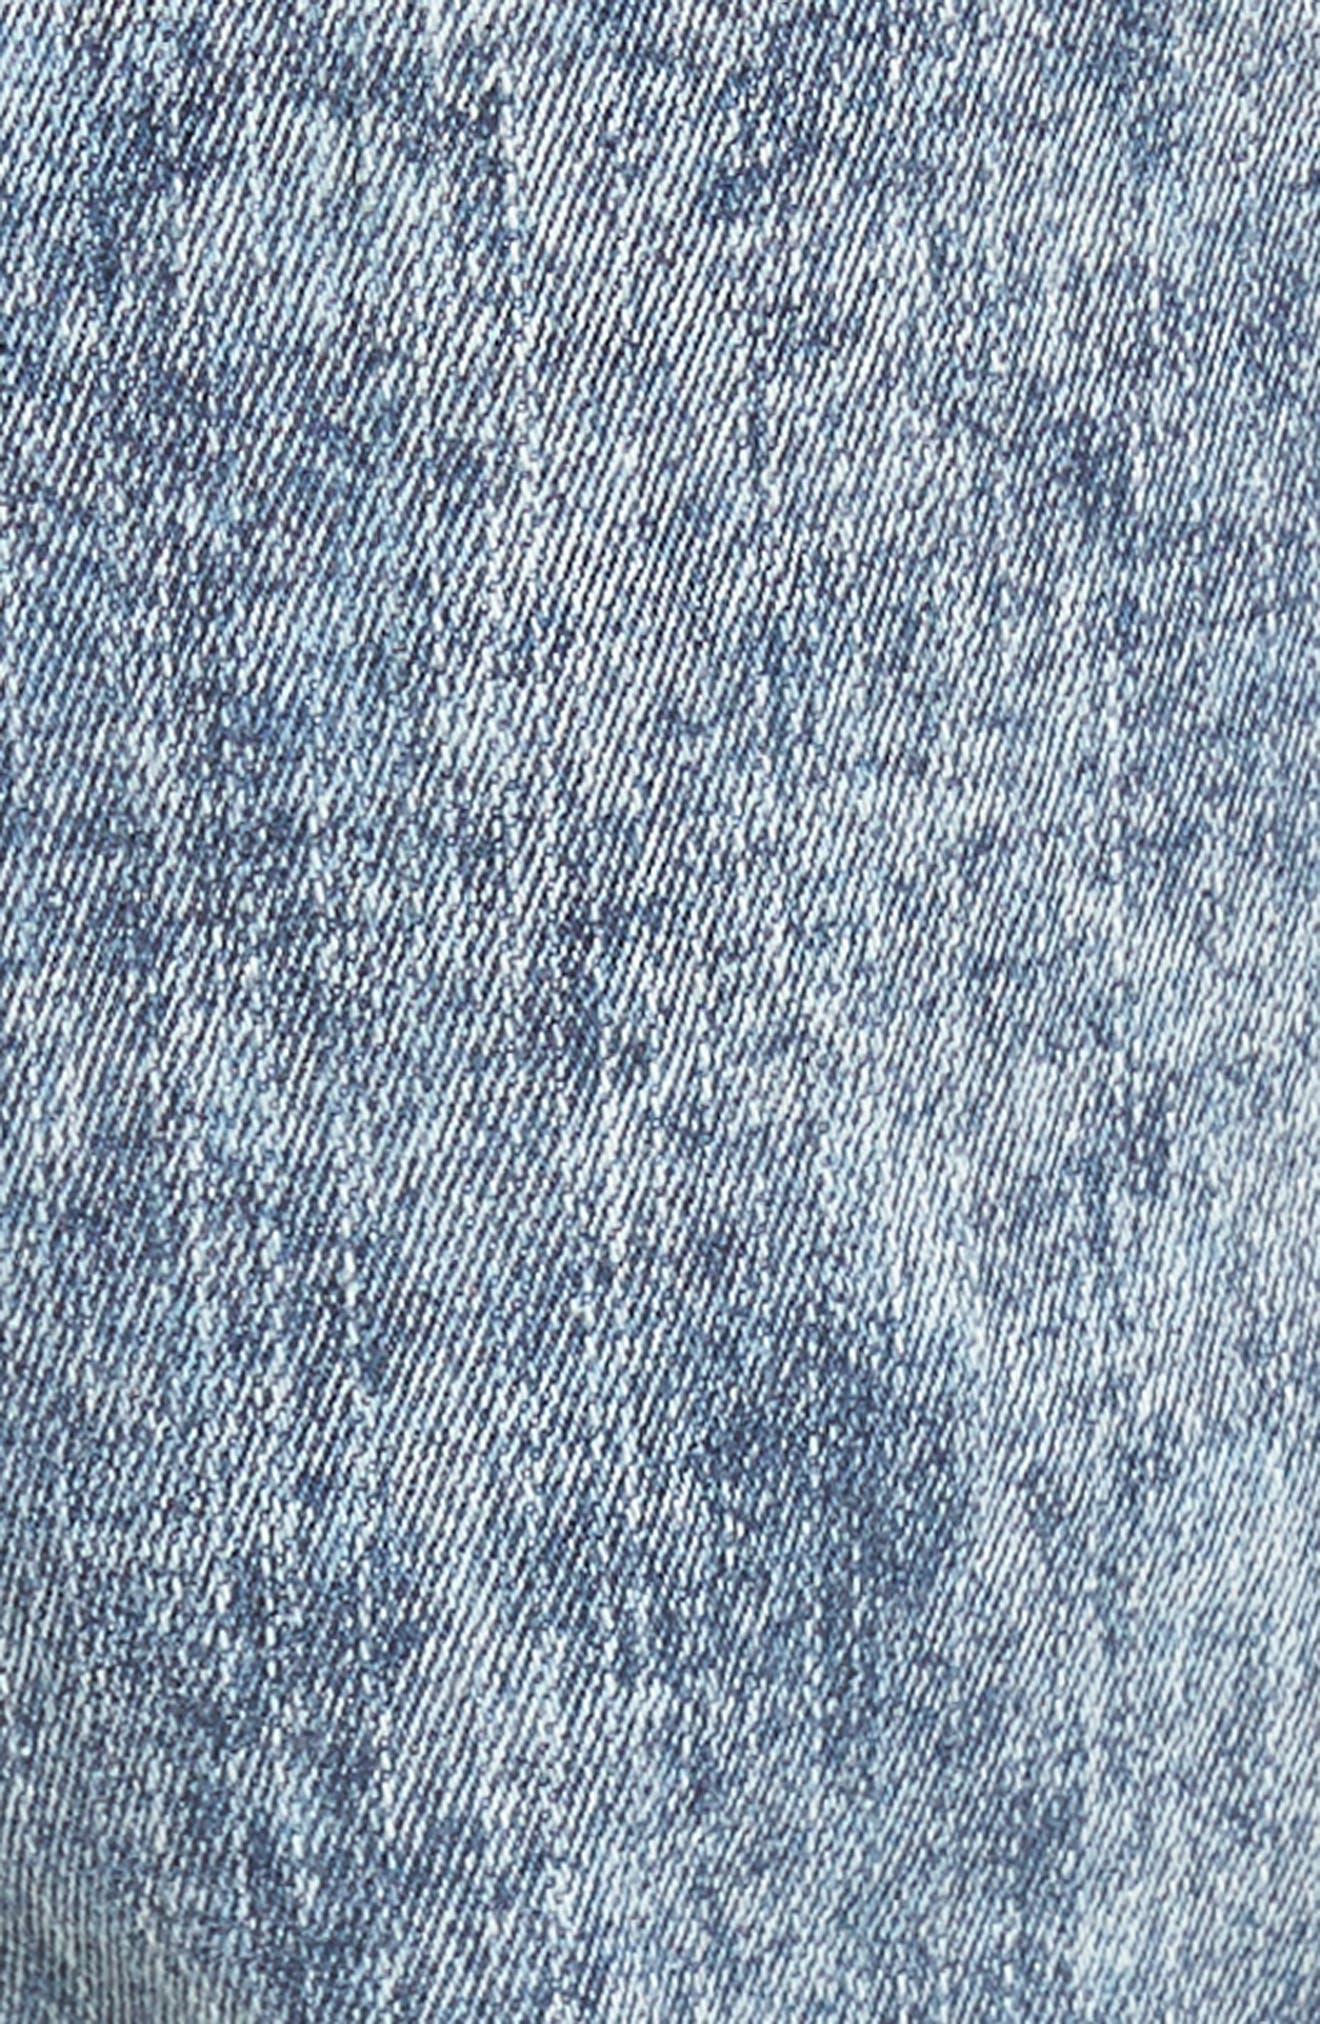 Alternate Image 5  - Dr. Denim Supply Co. Snap Skinny Fit Jeans (Acid Blue)